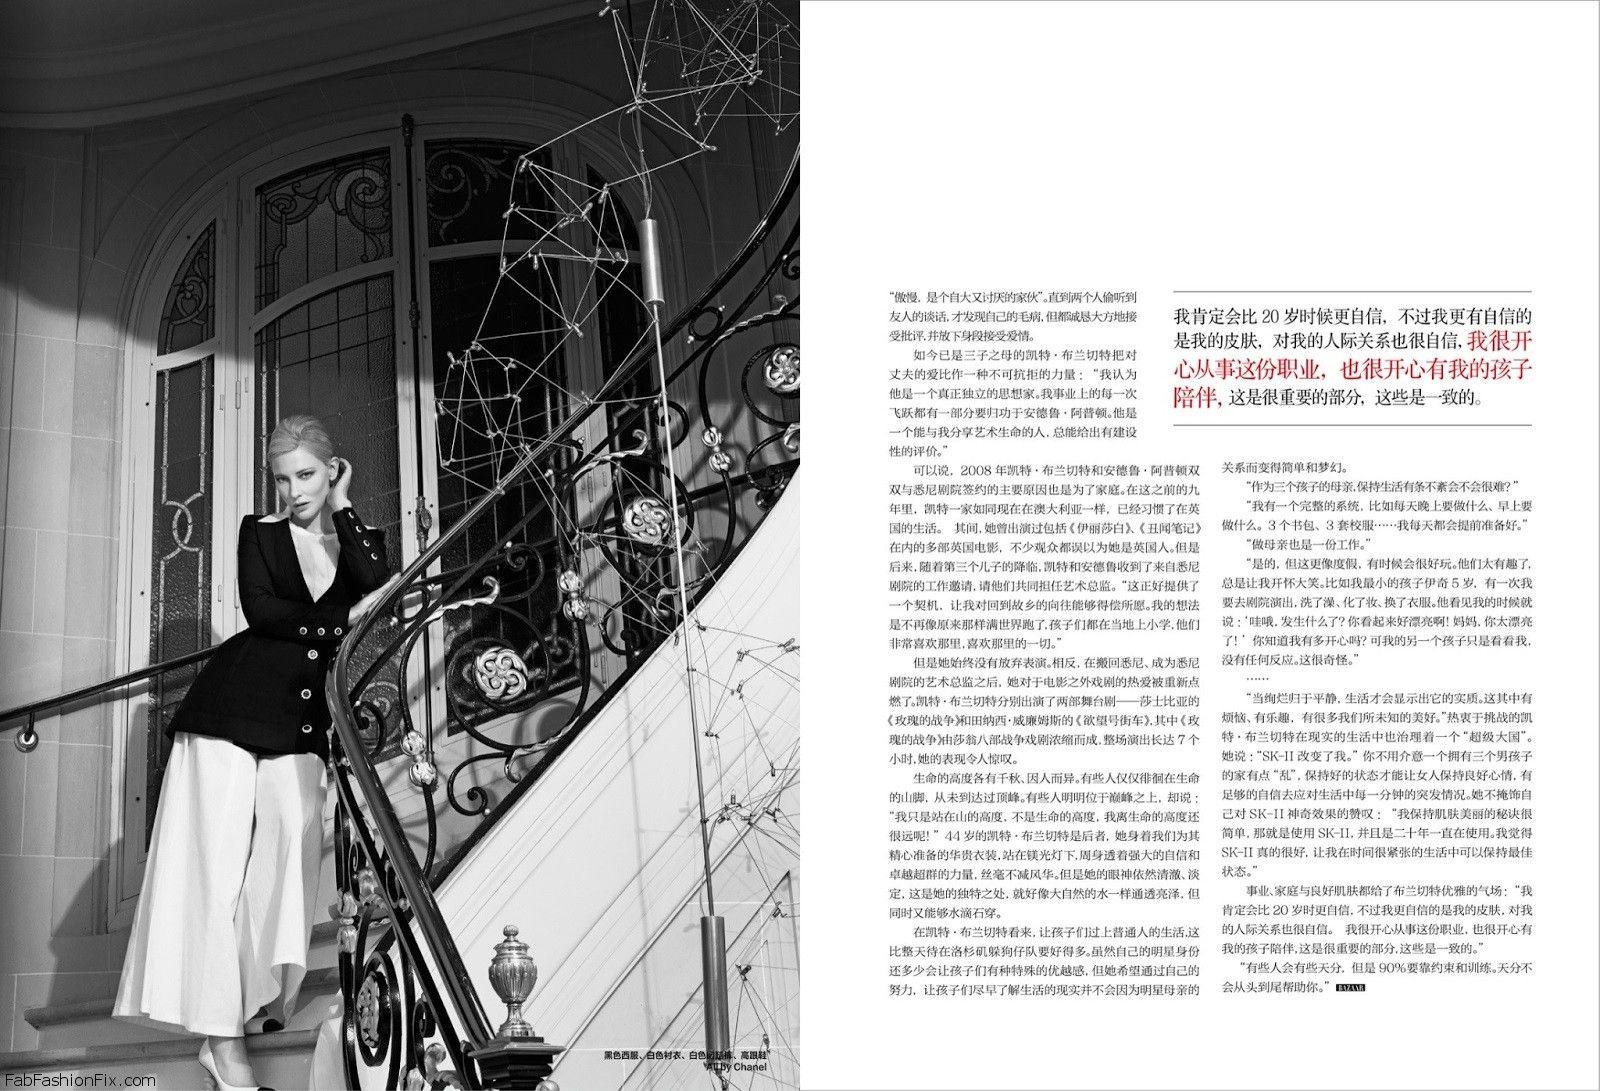 hb_china_11-13_010